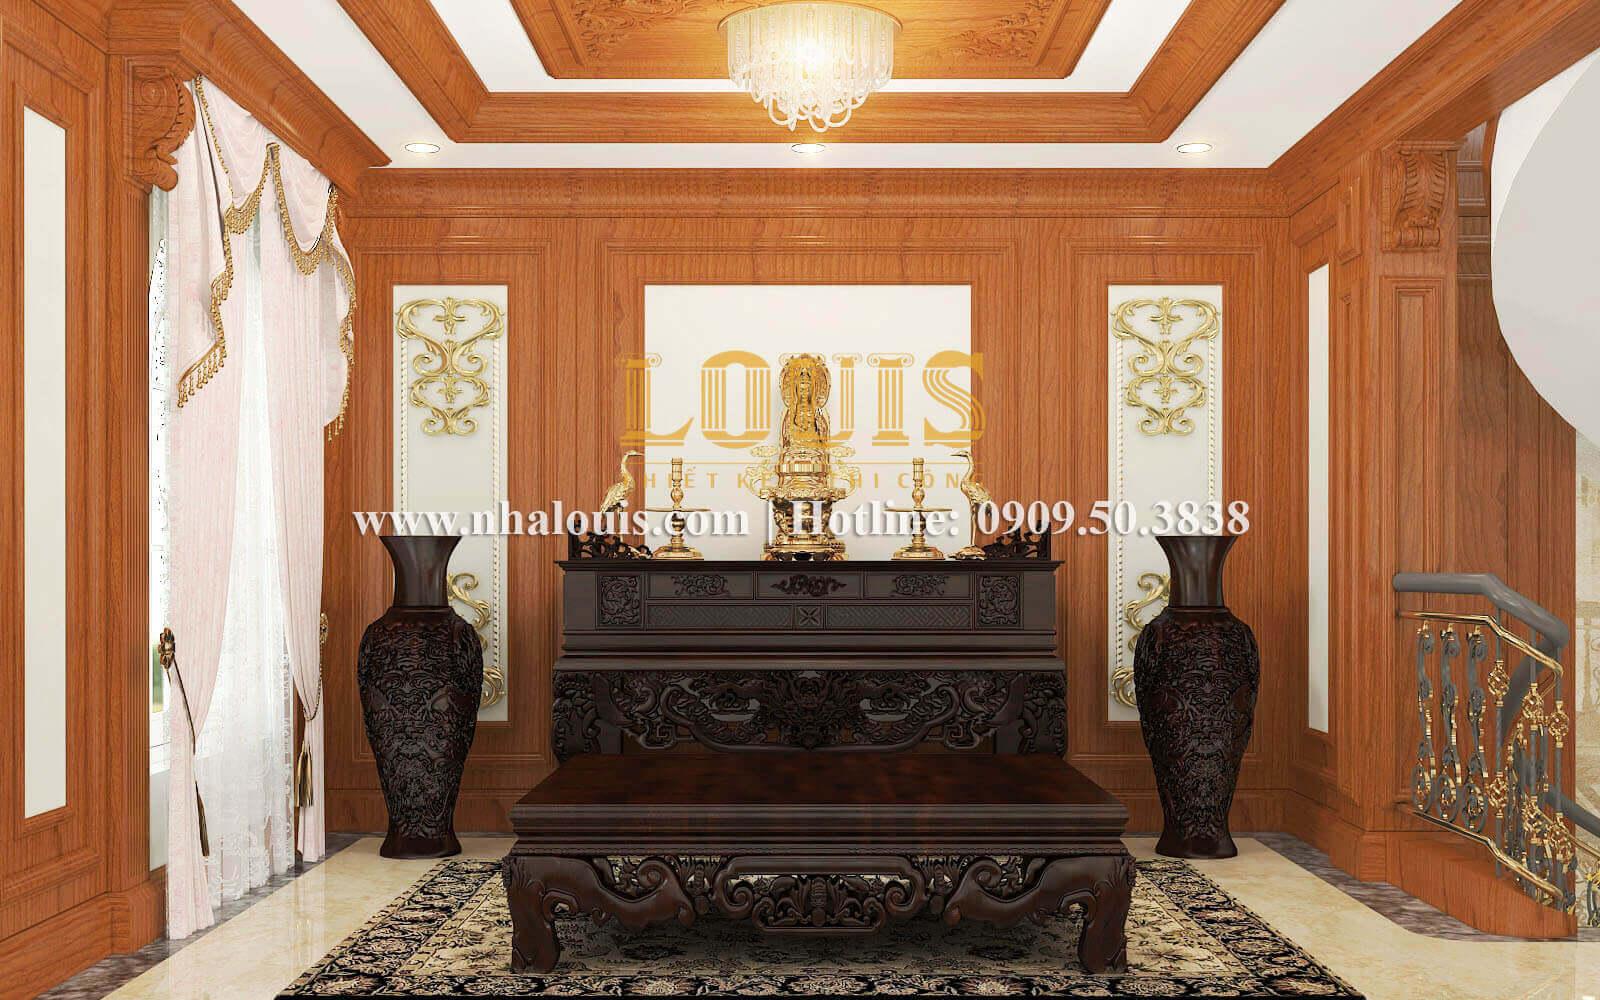 Phòng thờ Biệt thự lâu đài kiểu Pháp quyền quý và đẳng cấp tại Khánh Hòa